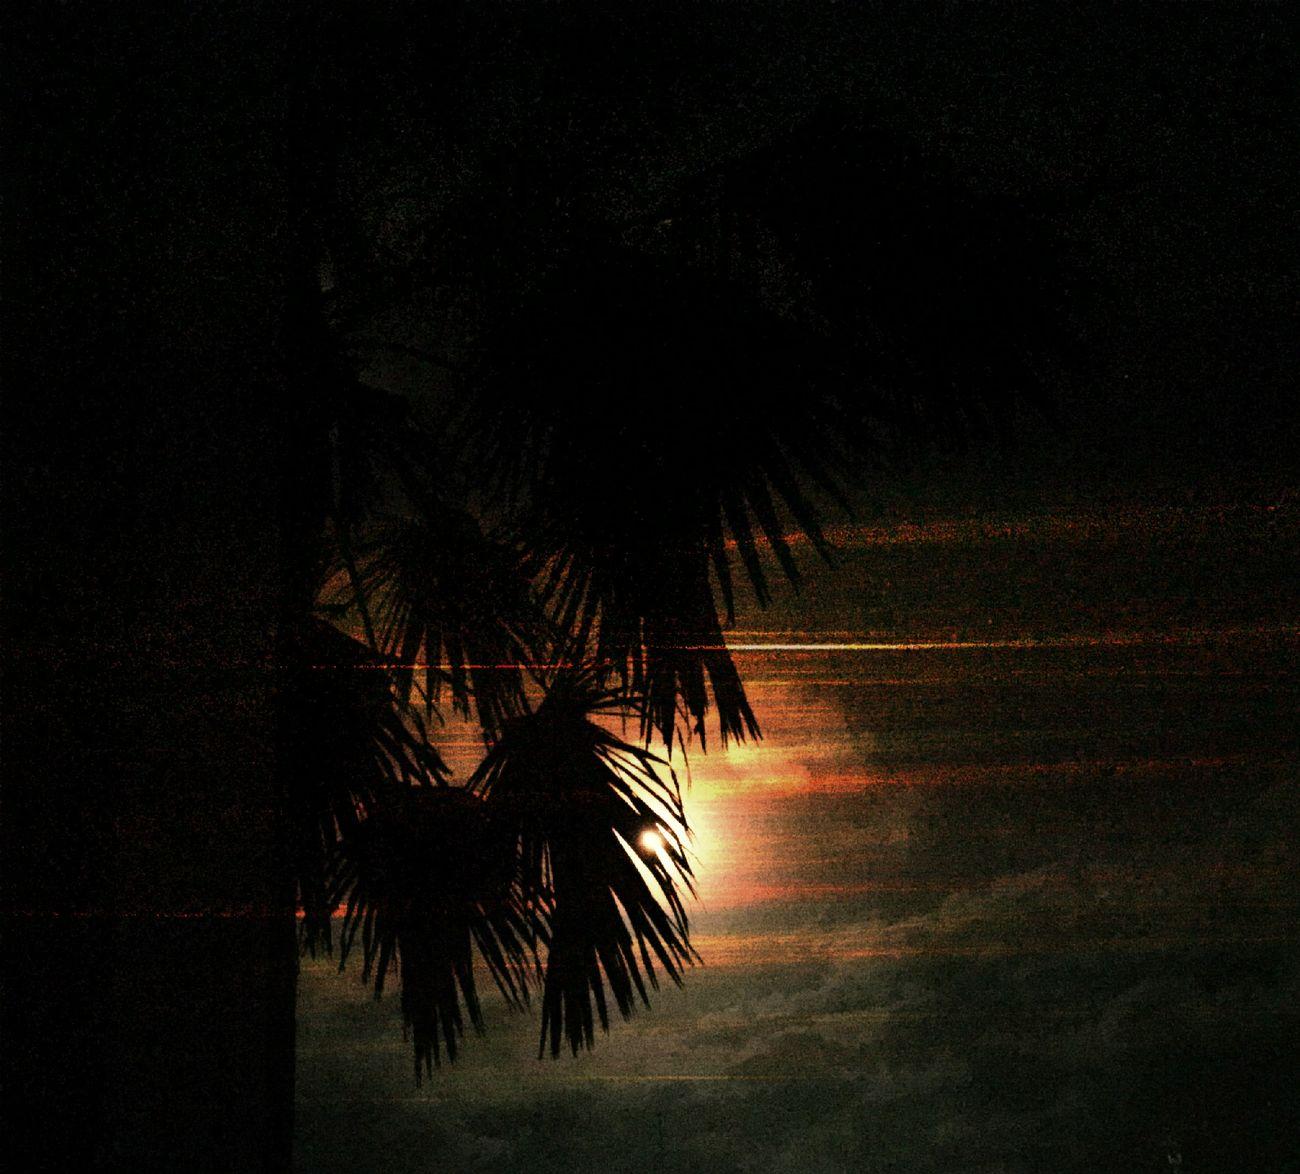 Night Lights Moonlight INDONESIA The Traveler - 2015 EyeEm Awards